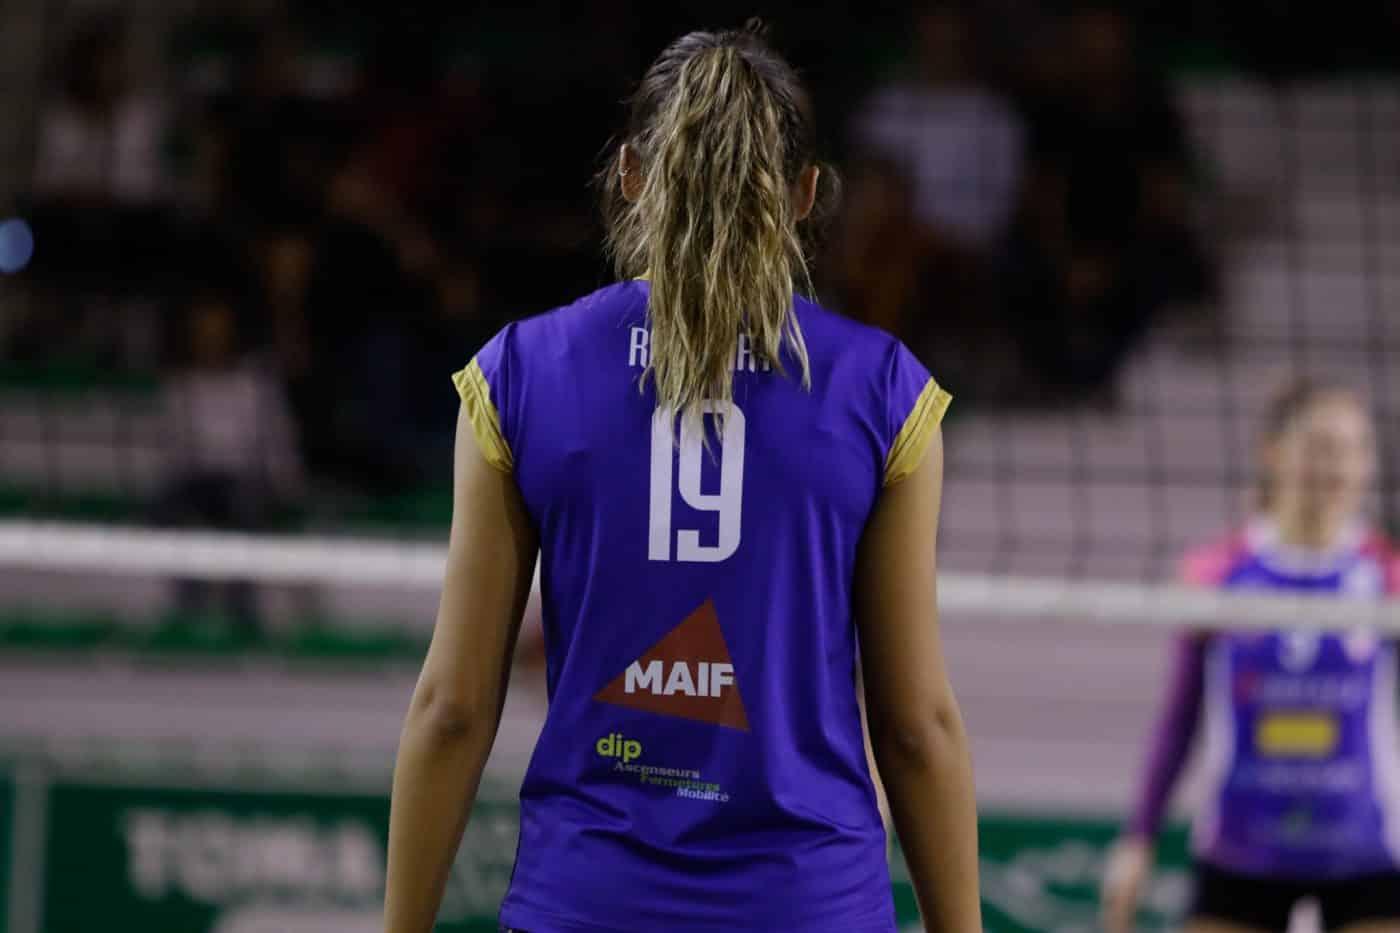 maillot-volley-LAF-2019-2020-france-avenir-2024-errea-1